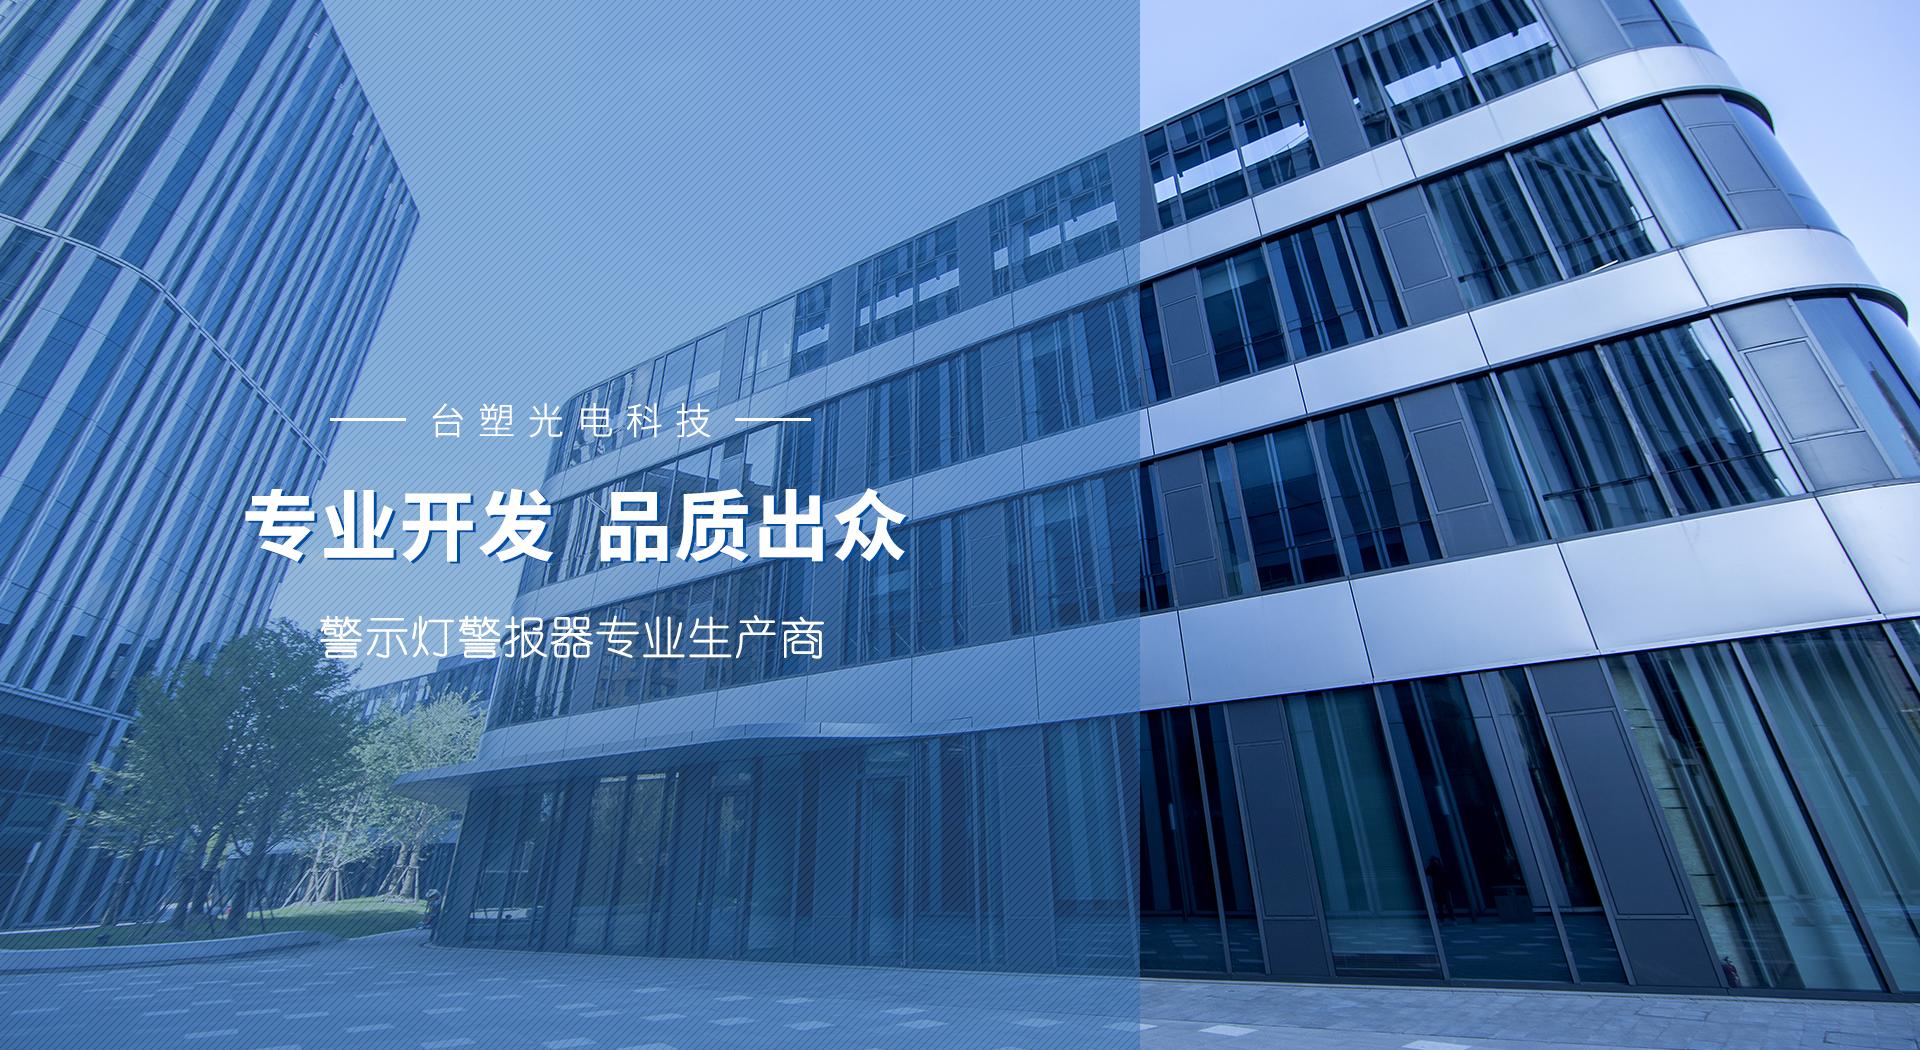 浙江台塑光电科技有限公司